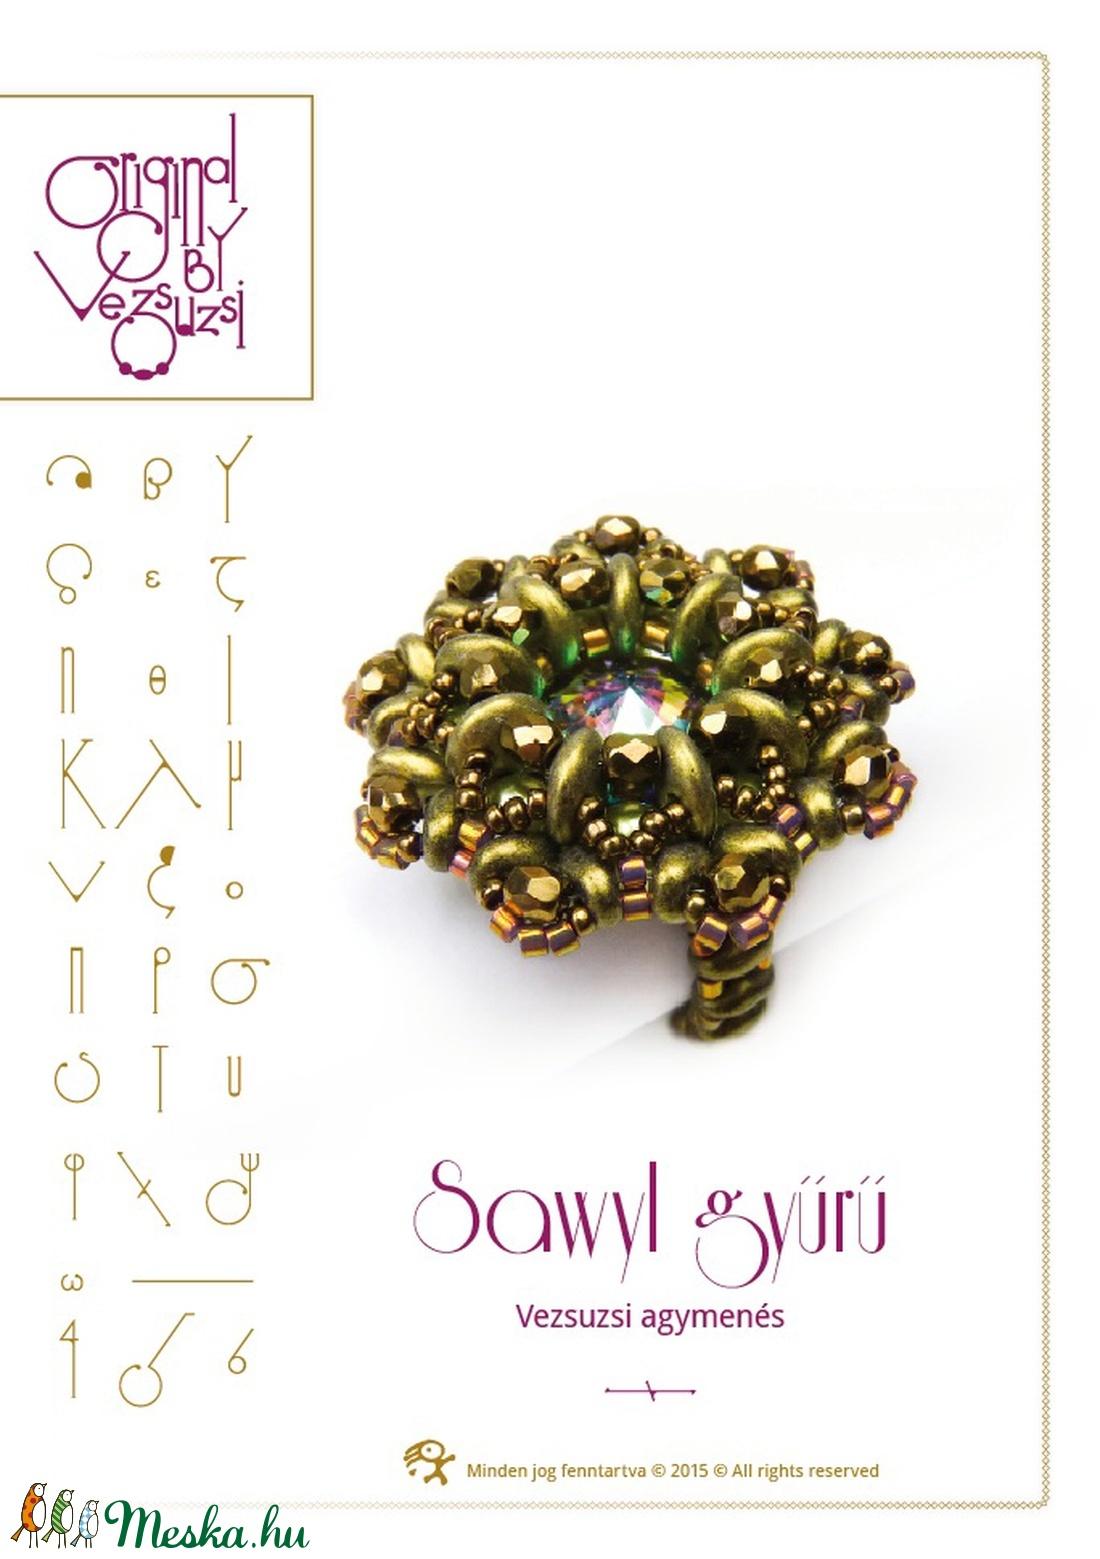 Sawyl... gyűrű minta egyéni felhasználásra (vezsuzsiminta) - Meska.hu